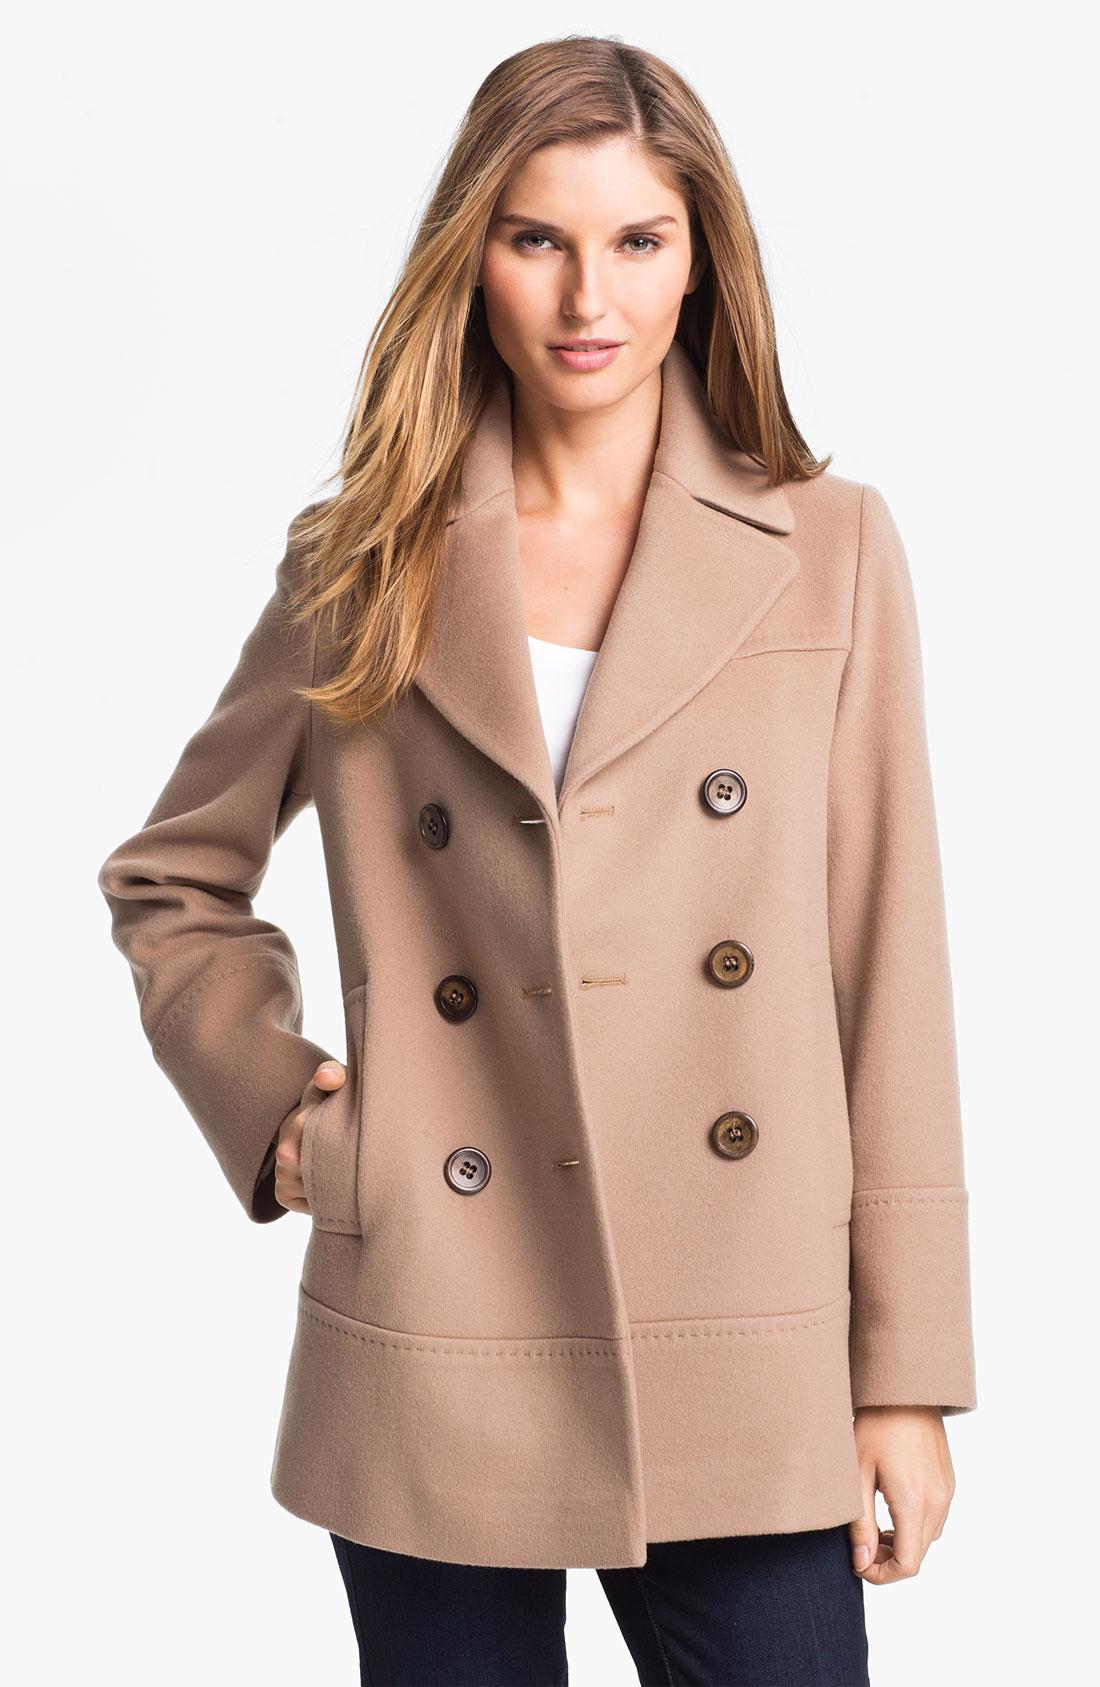 Womens Faux Leather Pea Coat - Tradingbasis